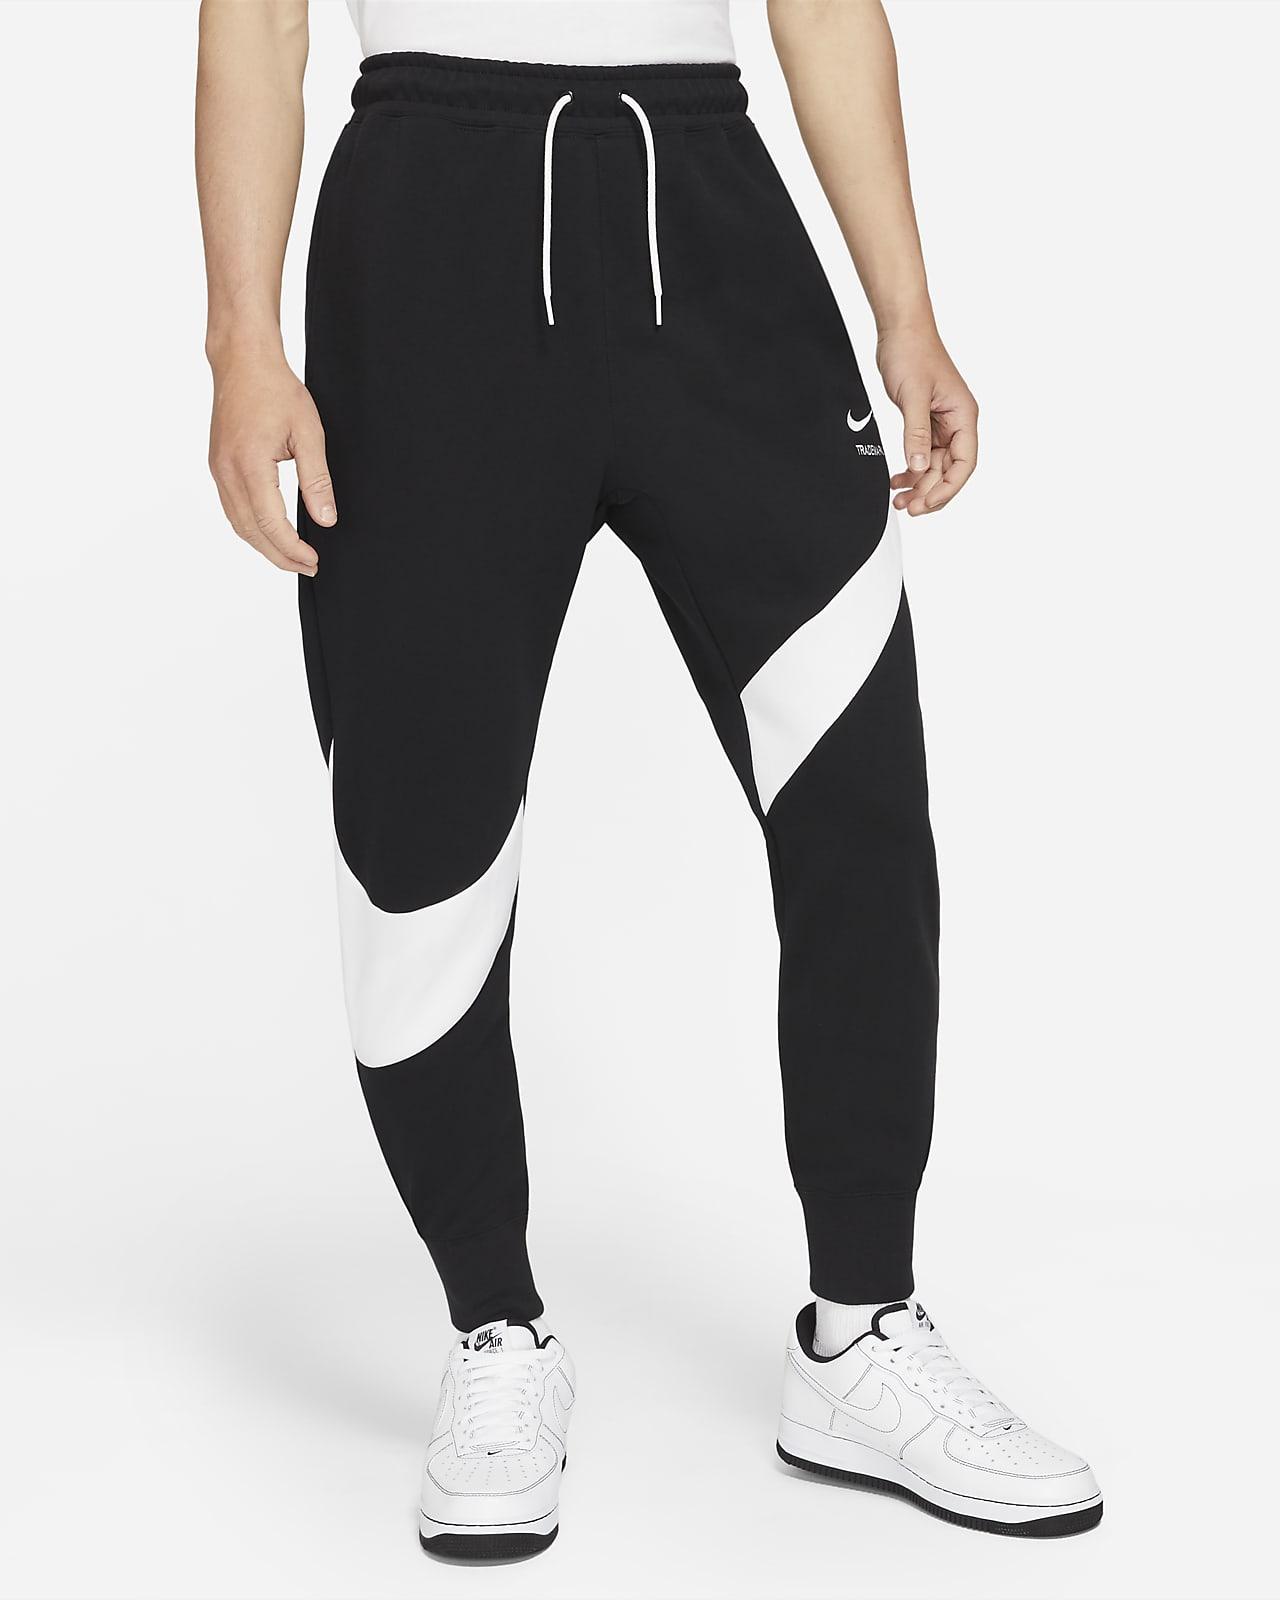 Nike Sportswear Swoosh Tech Fleece Men's Trousers